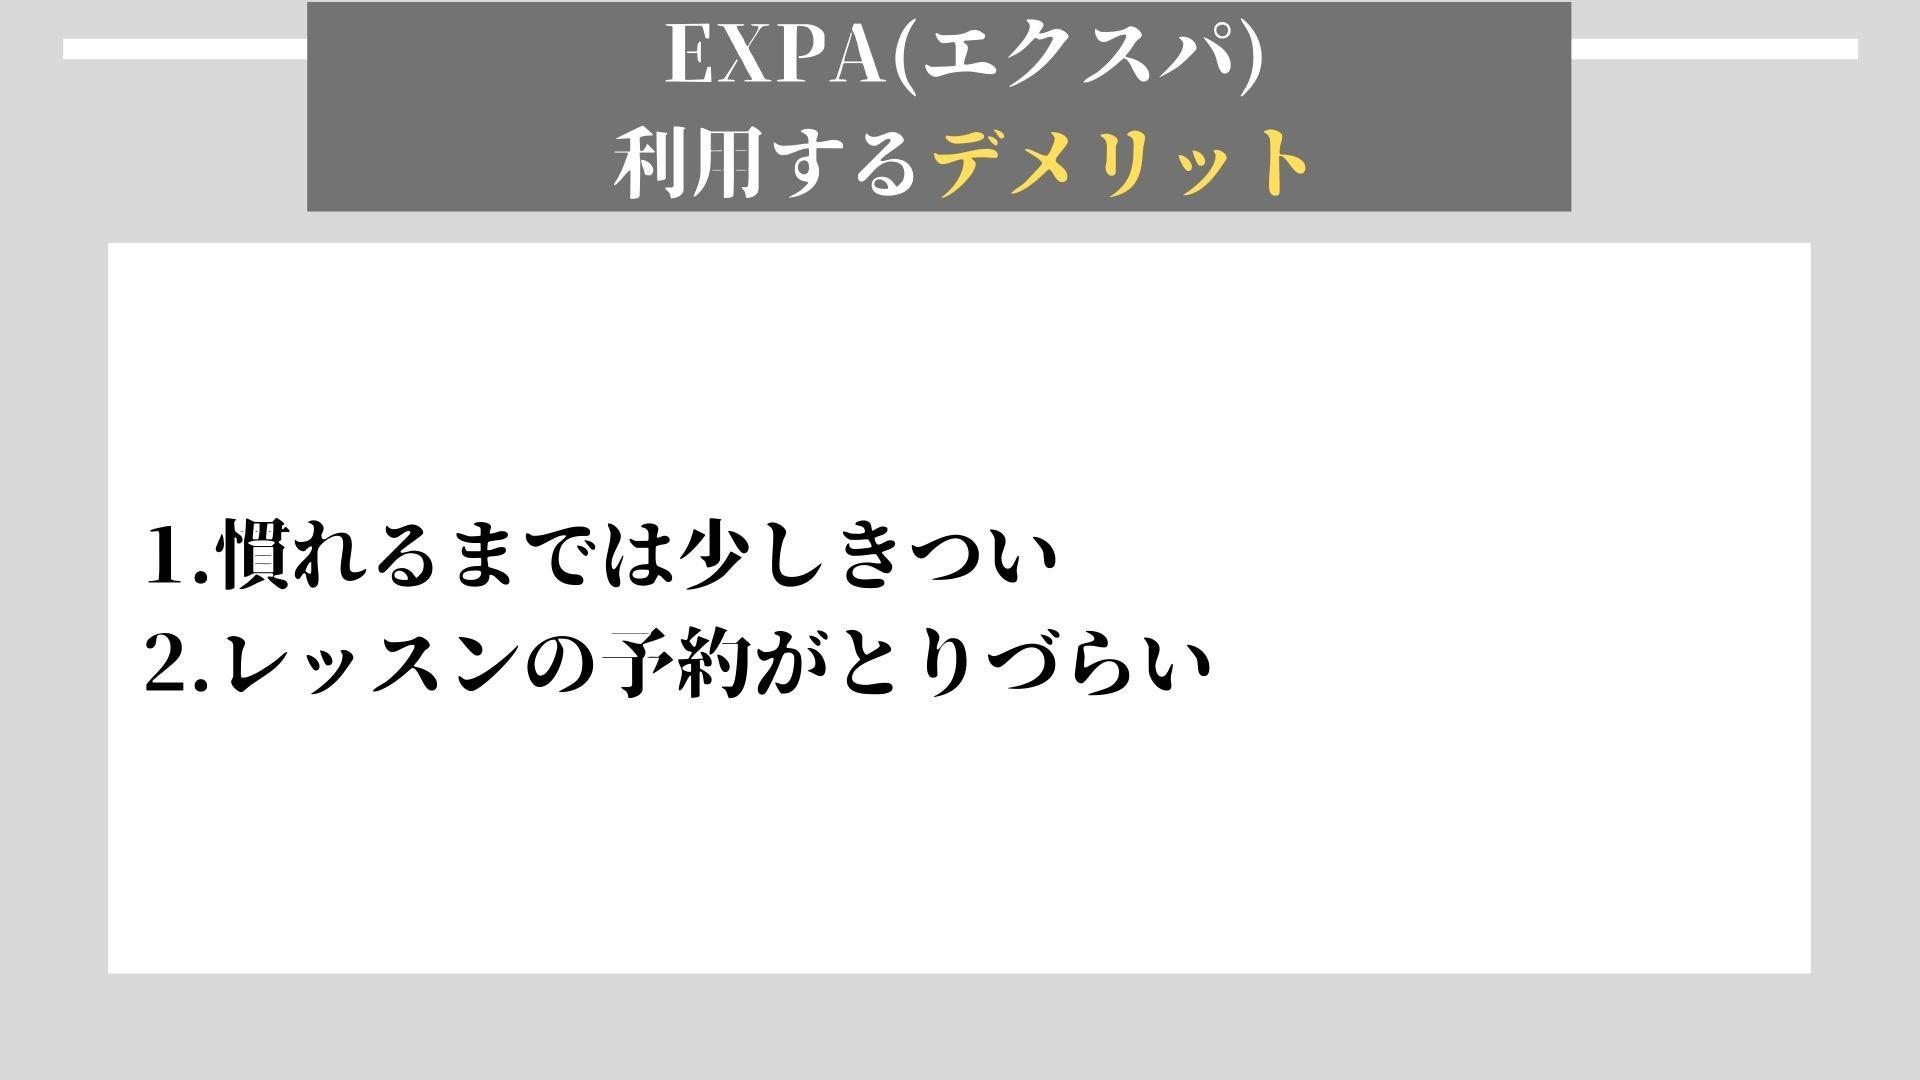 EXPA デメリット